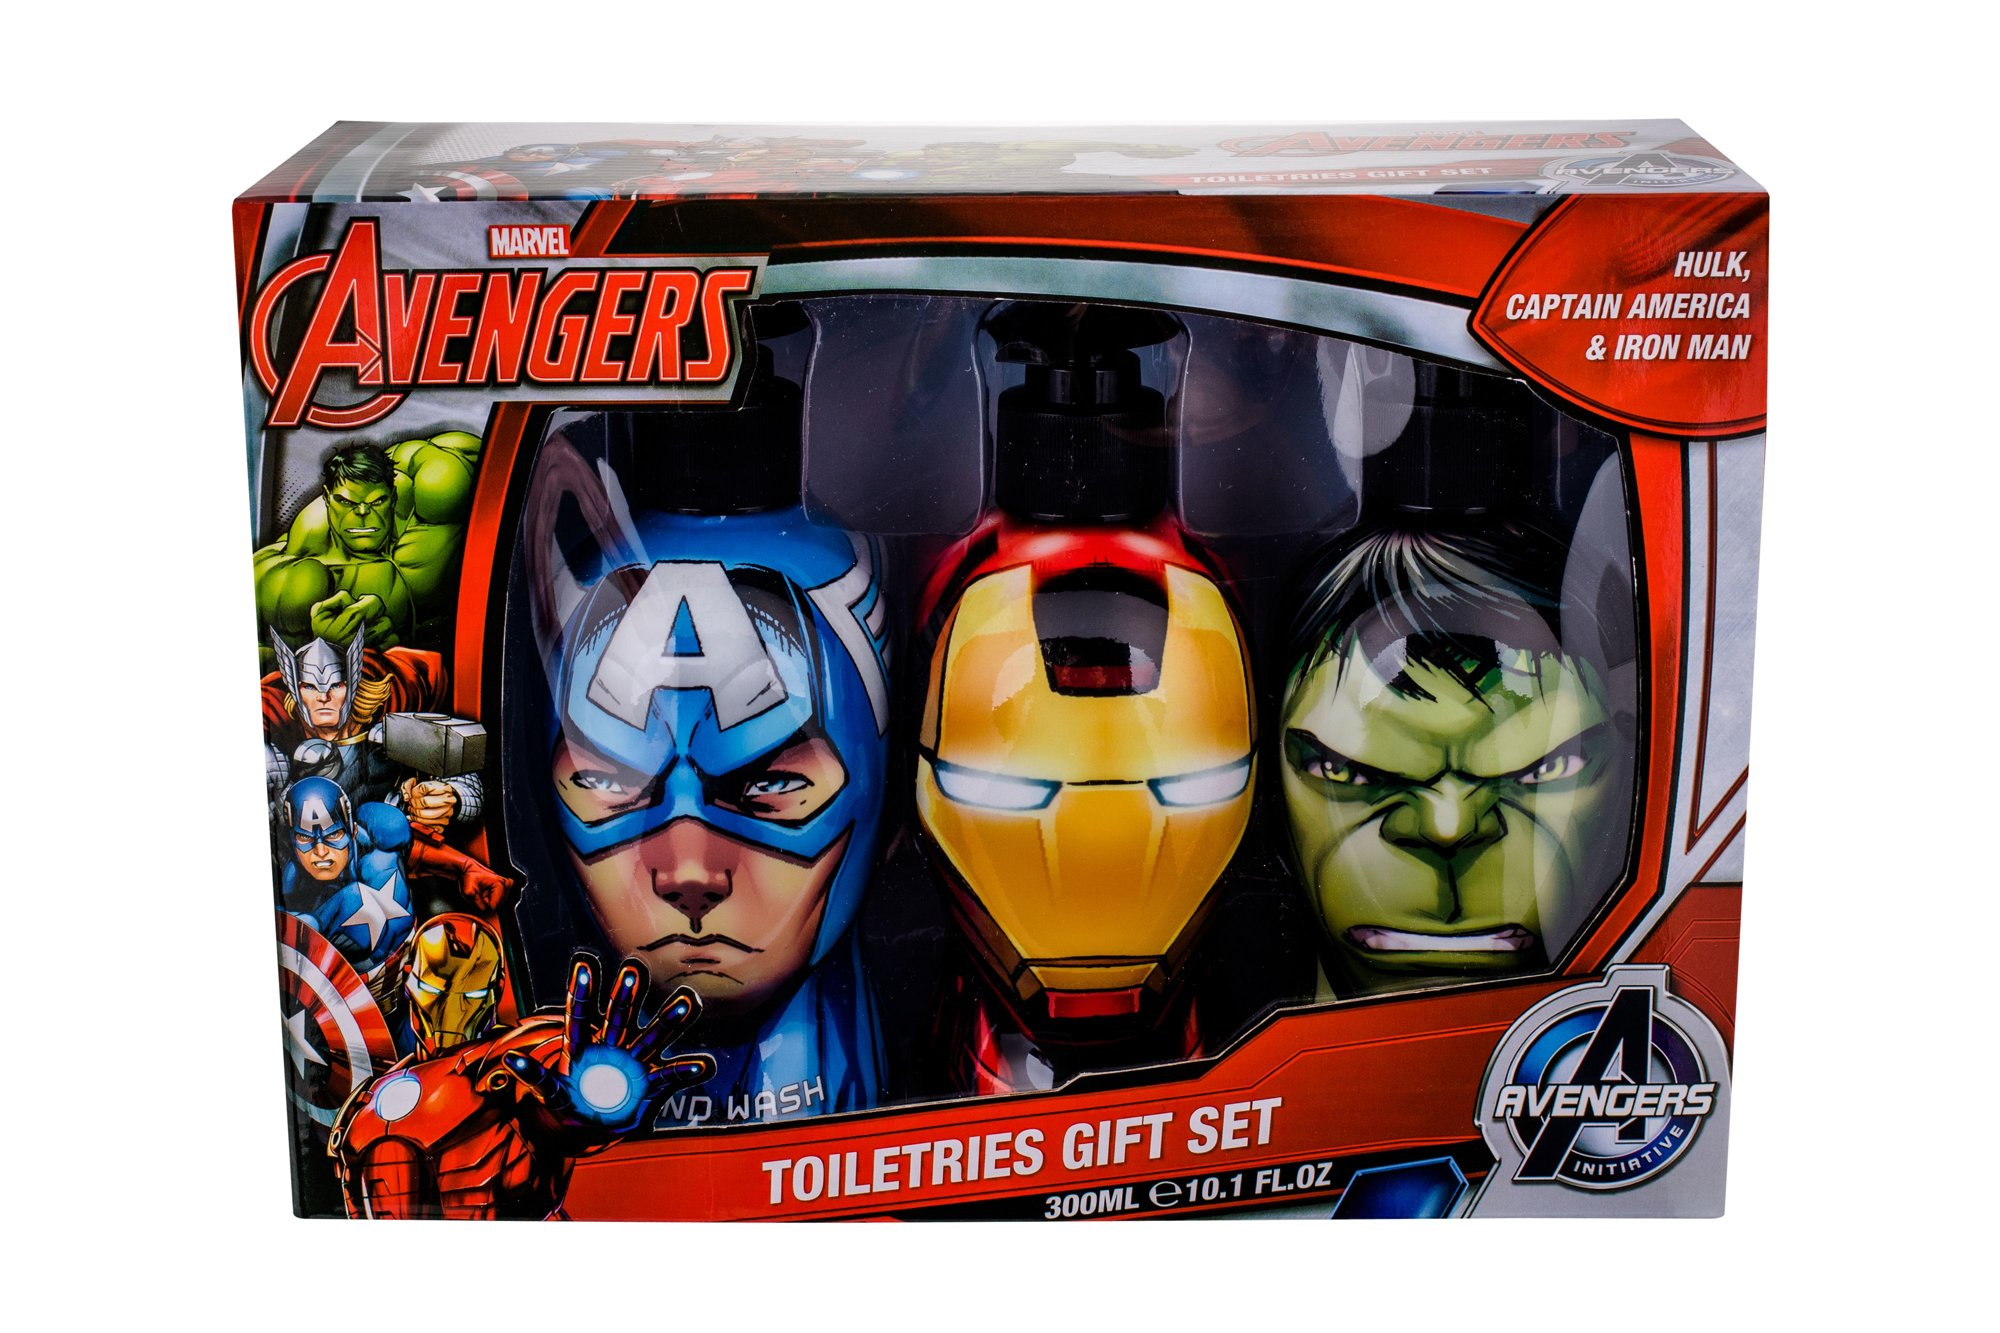 Marvel Avengers Shower gel 900ml